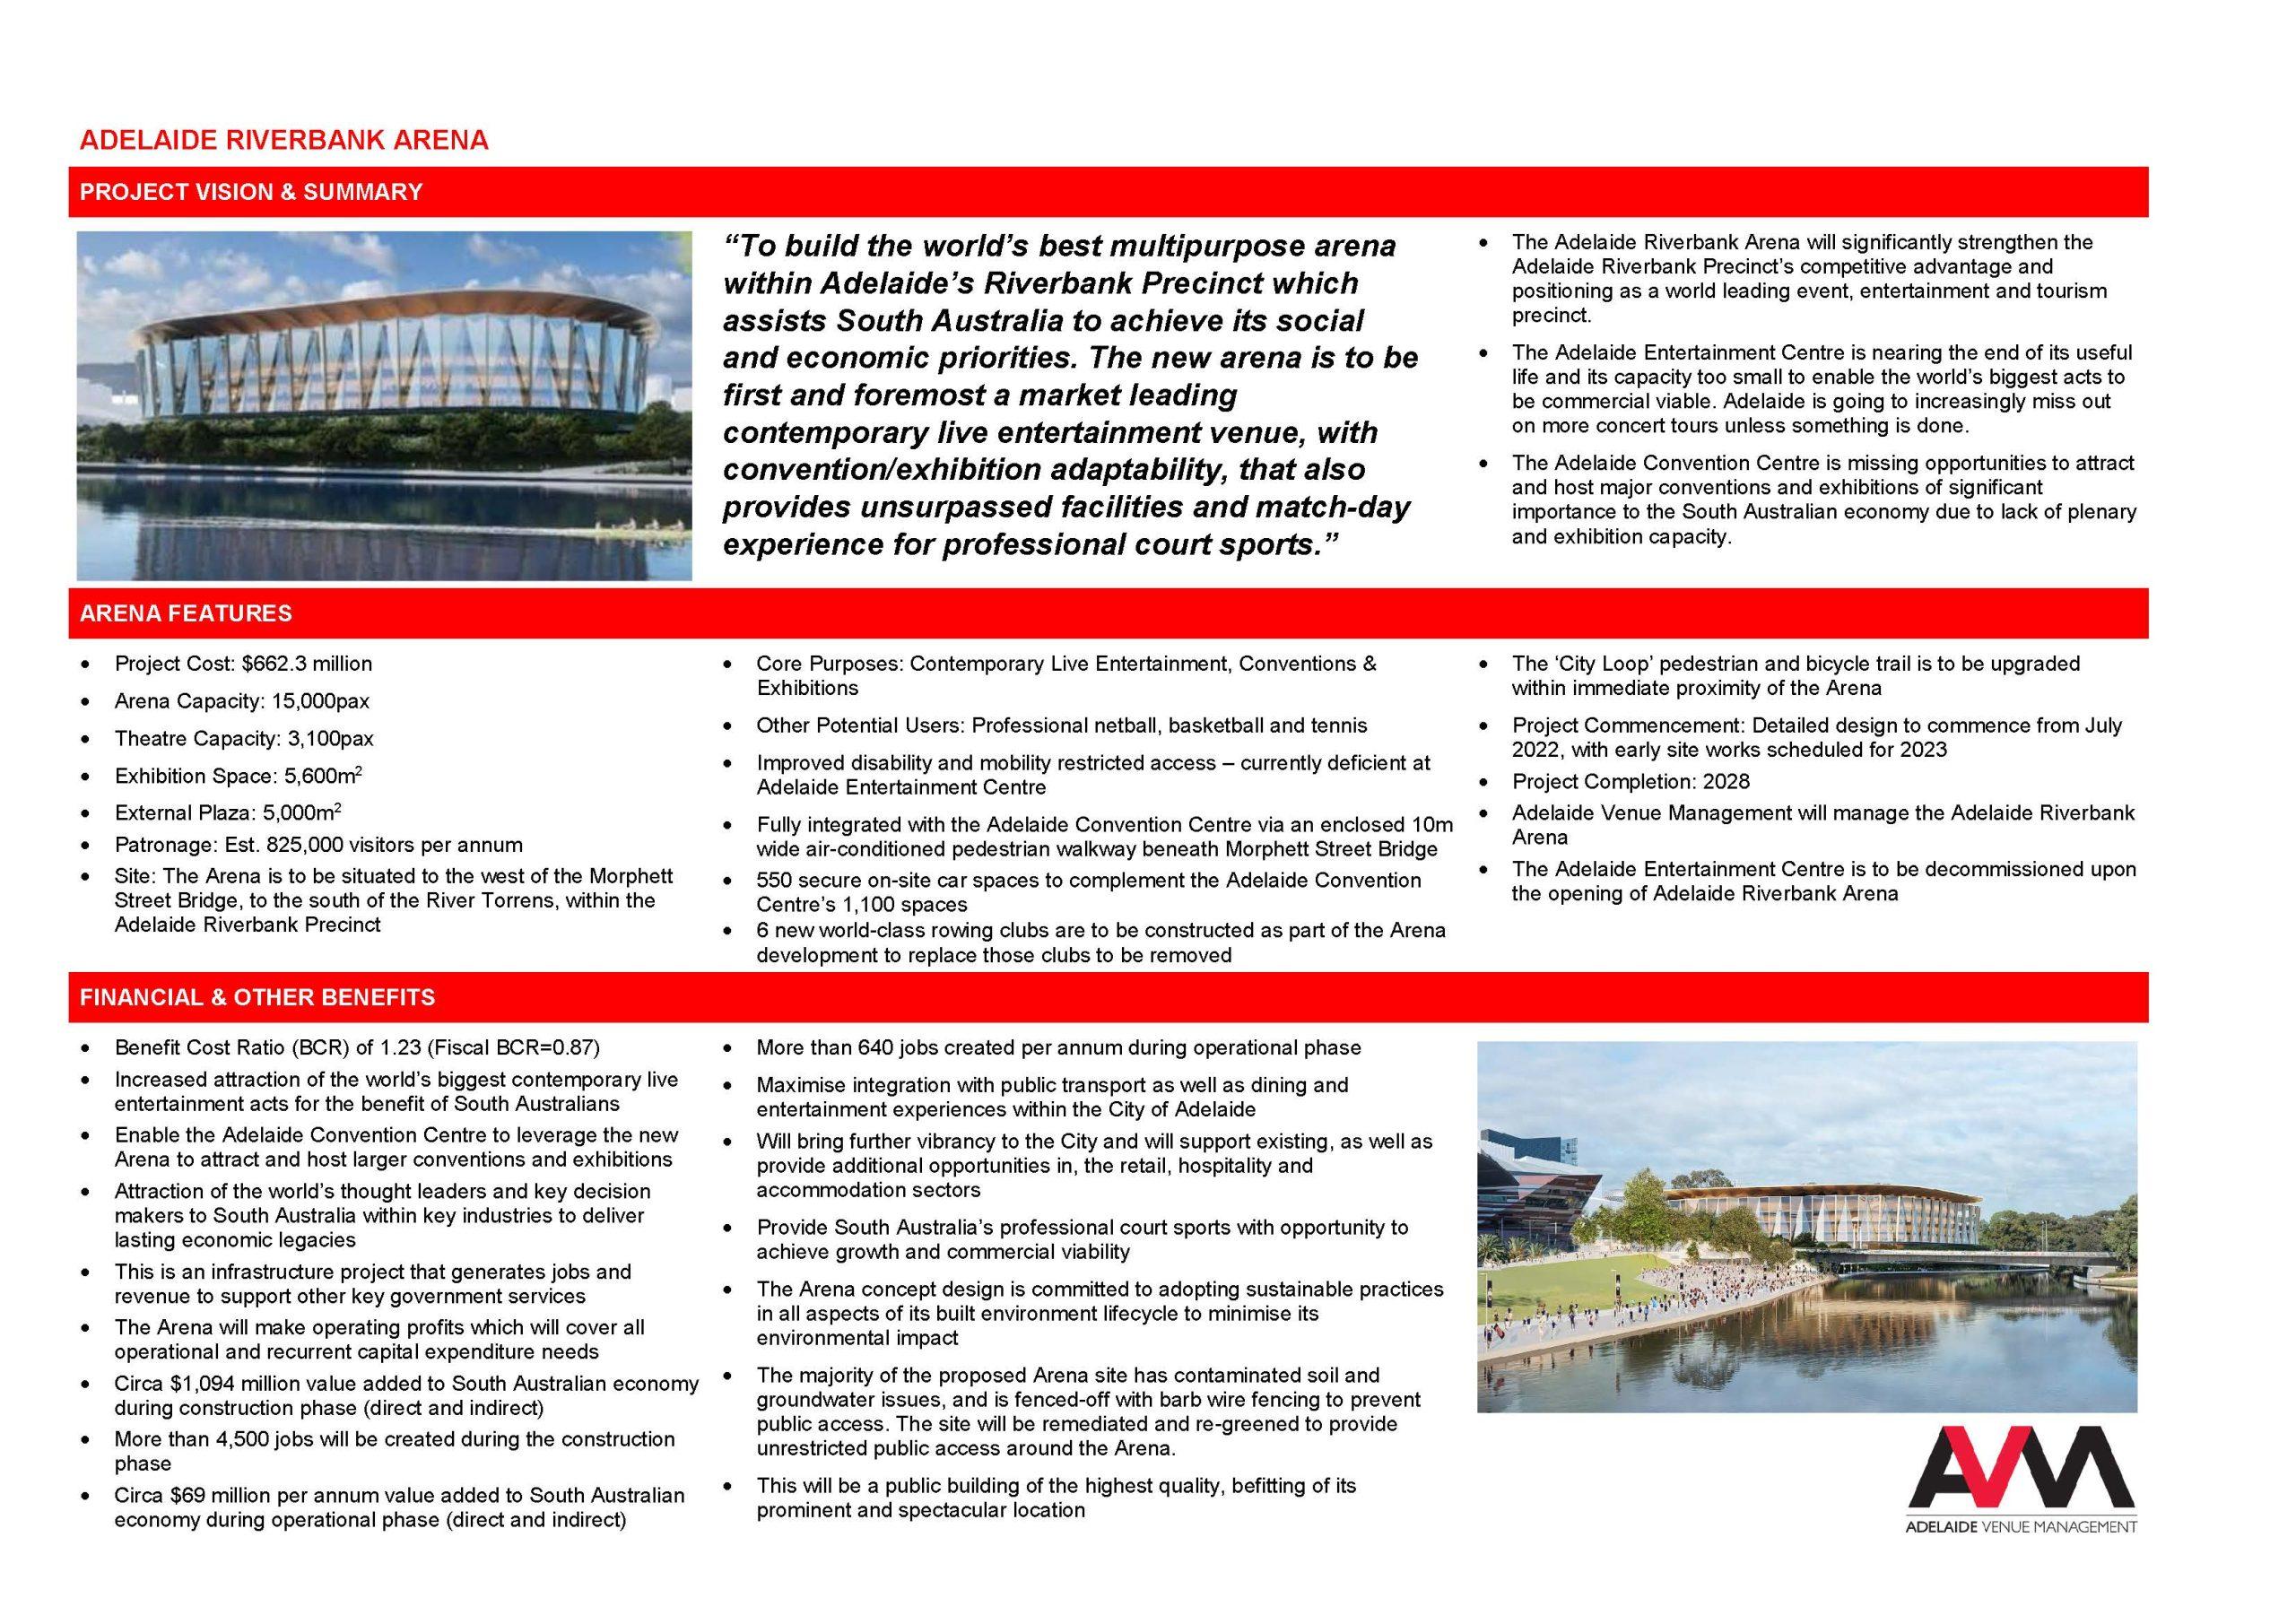 Adelaide Riverbank Arena Fact Sheet